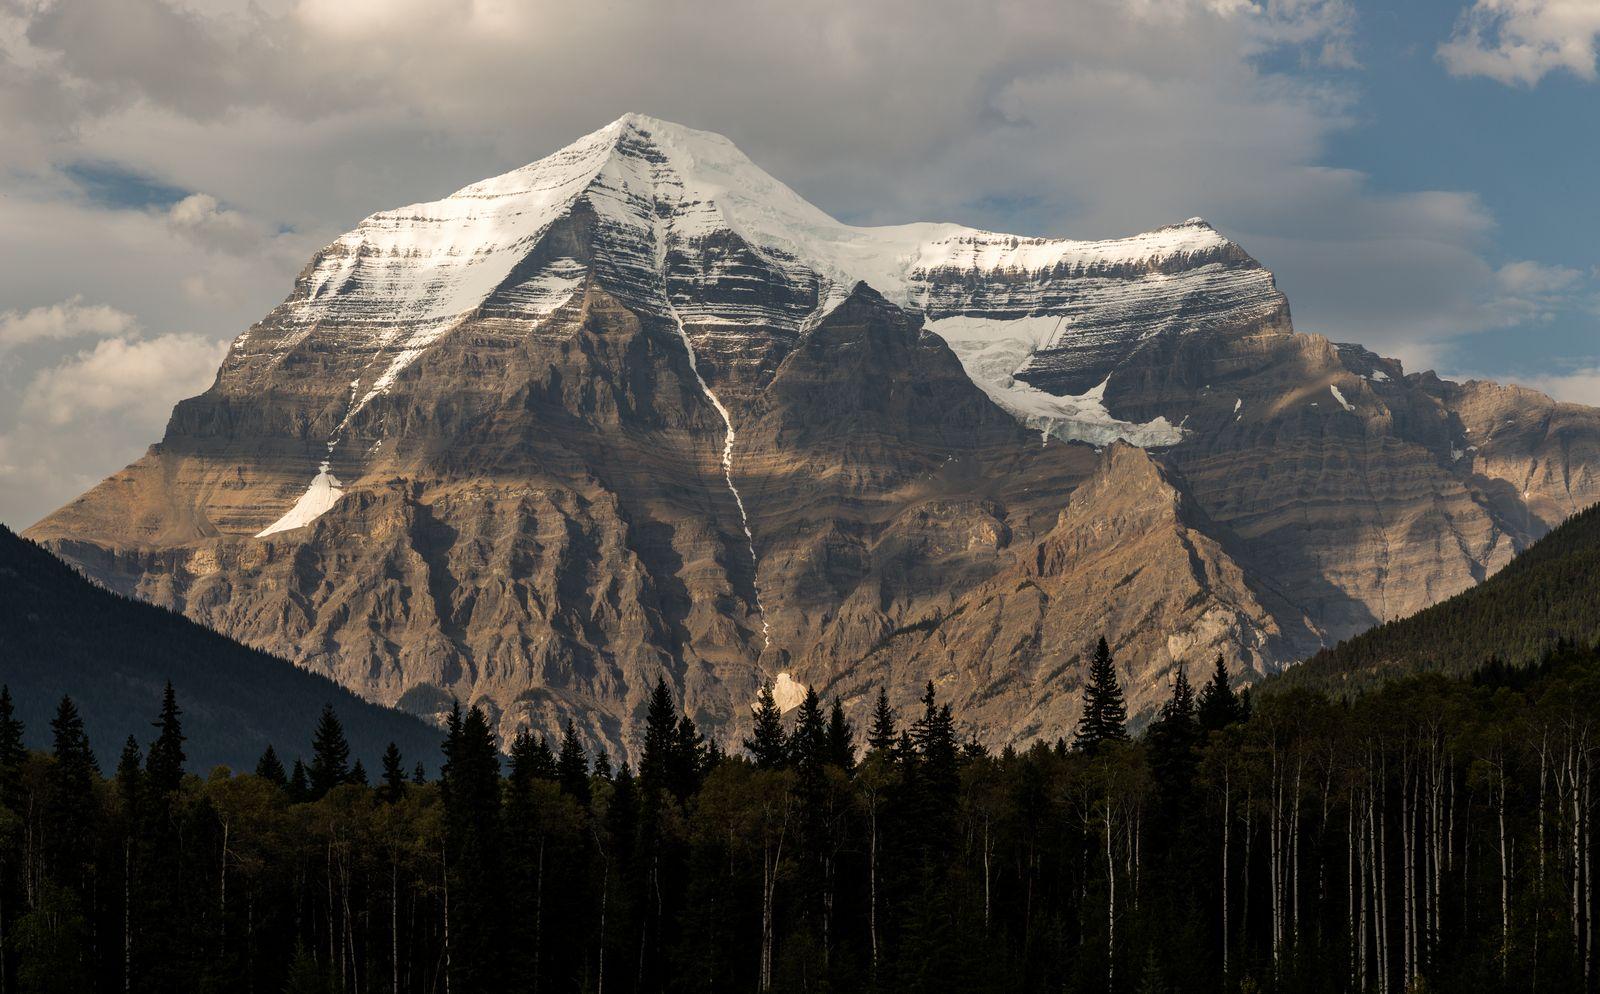 Detalle del monte (resultado de fusionar varias imágenes)